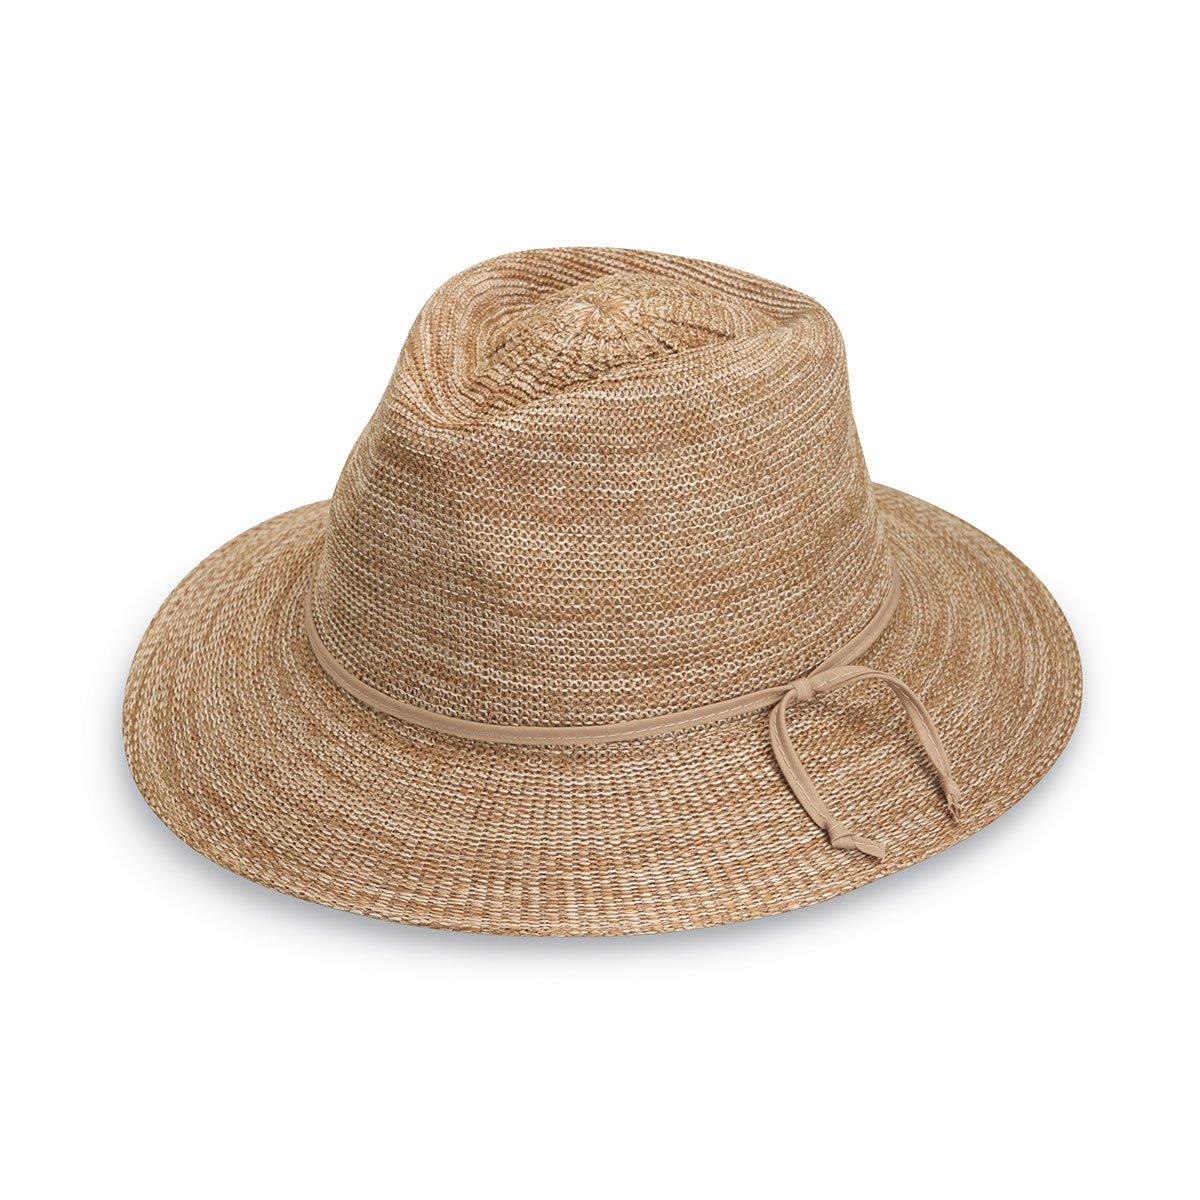 Wallaroo Hat Company Women's Victoria Fedora Sun Hat - Mixed Camel - UPF 50+ by Wallaroo Hat Company